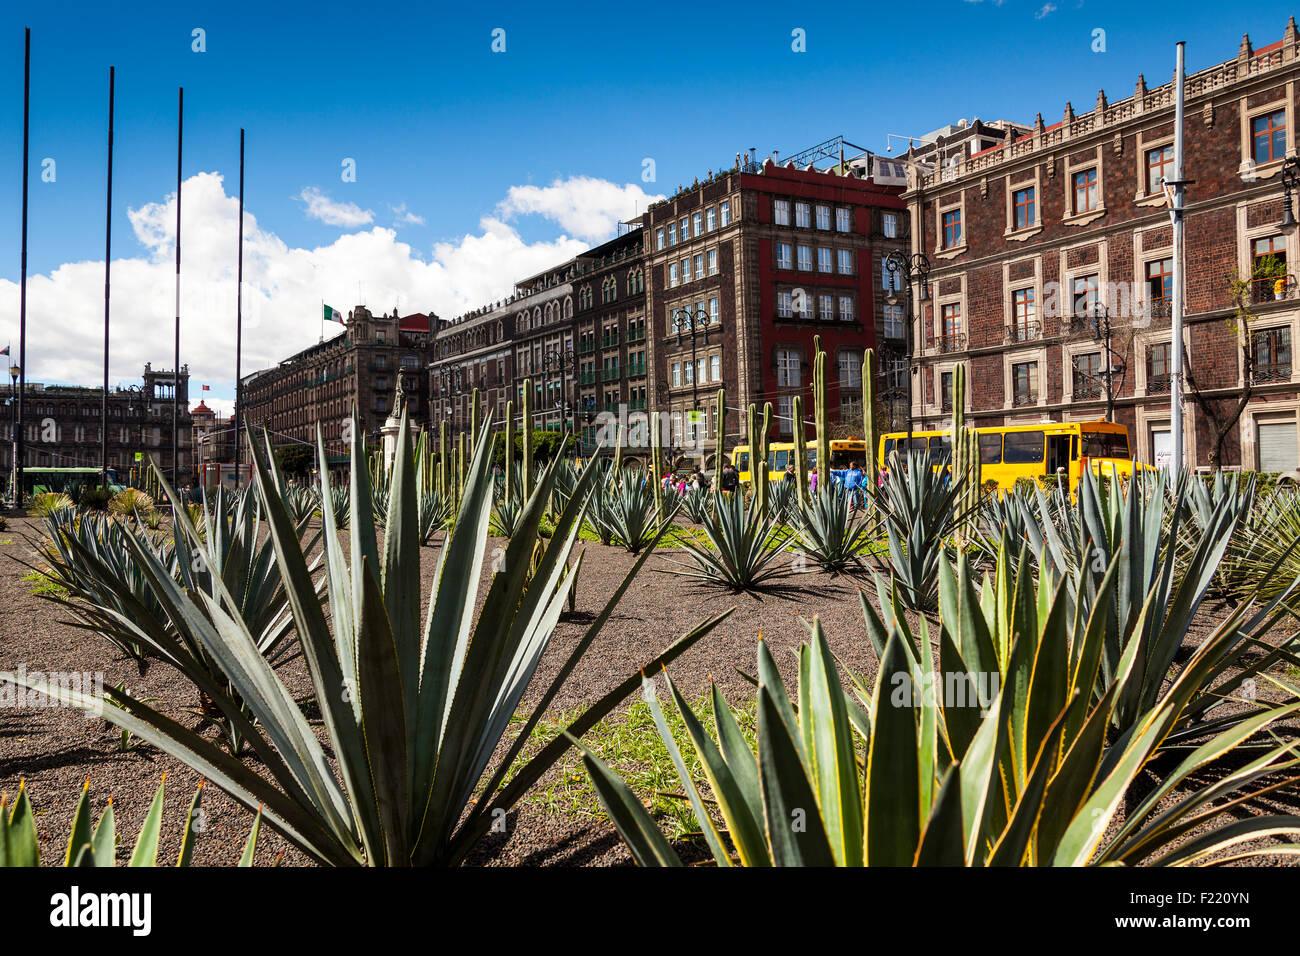 Agave garden plaza Zócalo de la Ciudad de México Distrito Federal DF América del Norte Imagen De Stock